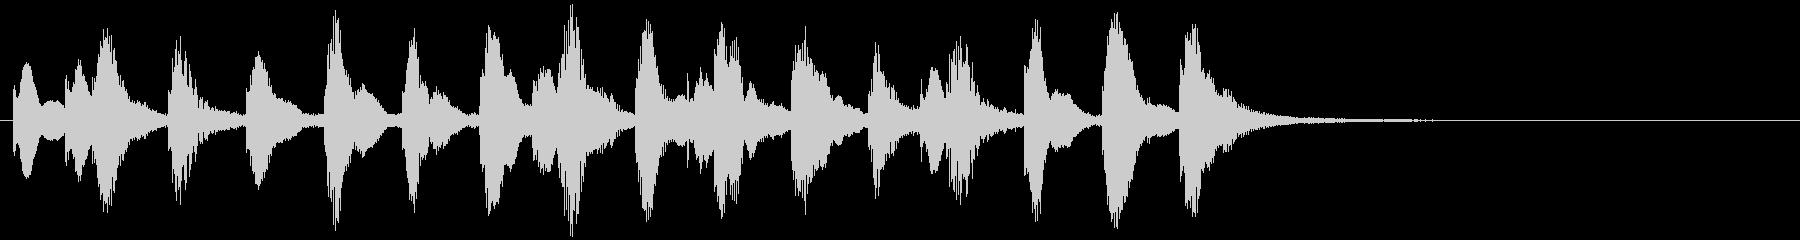 のほほんジングル035_おしまい-3の未再生の波形